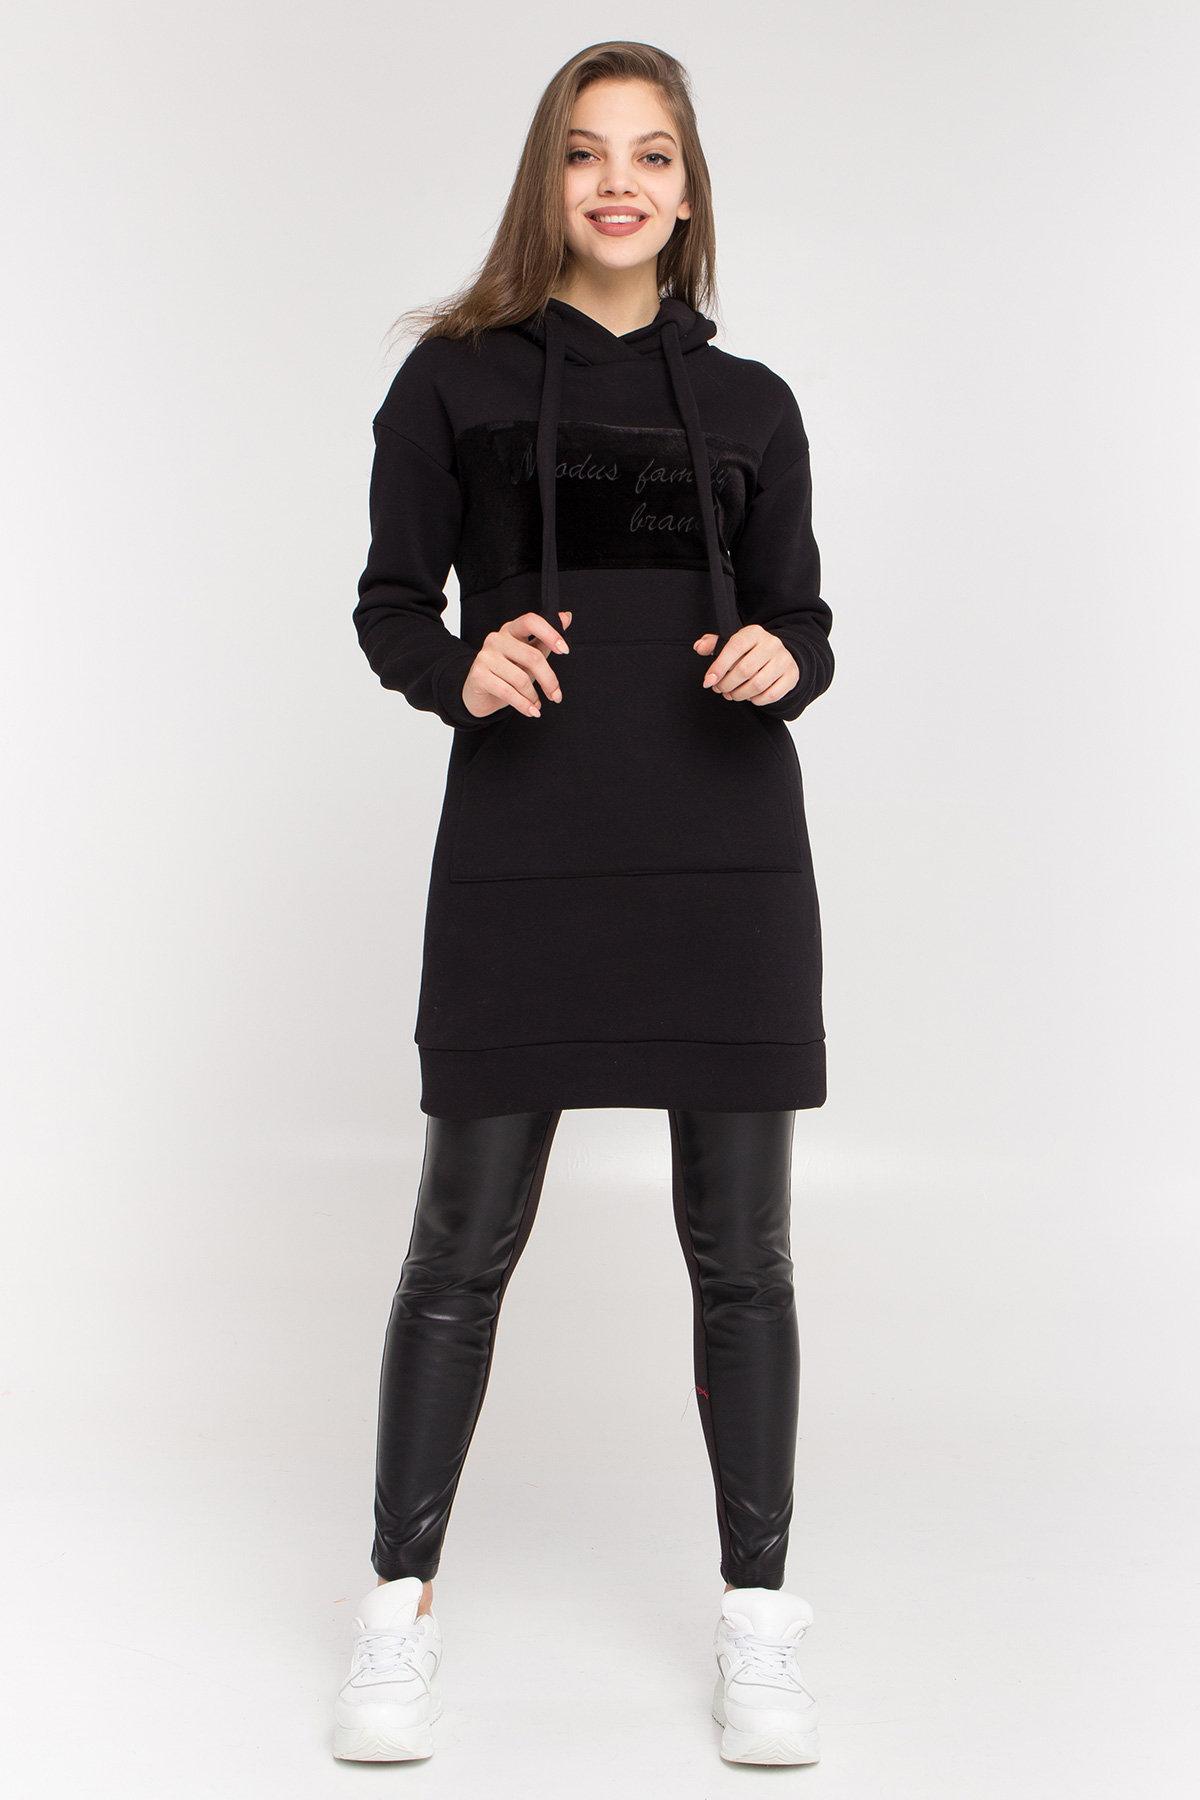 вязаный свитер купить Платье худи Томми 8703